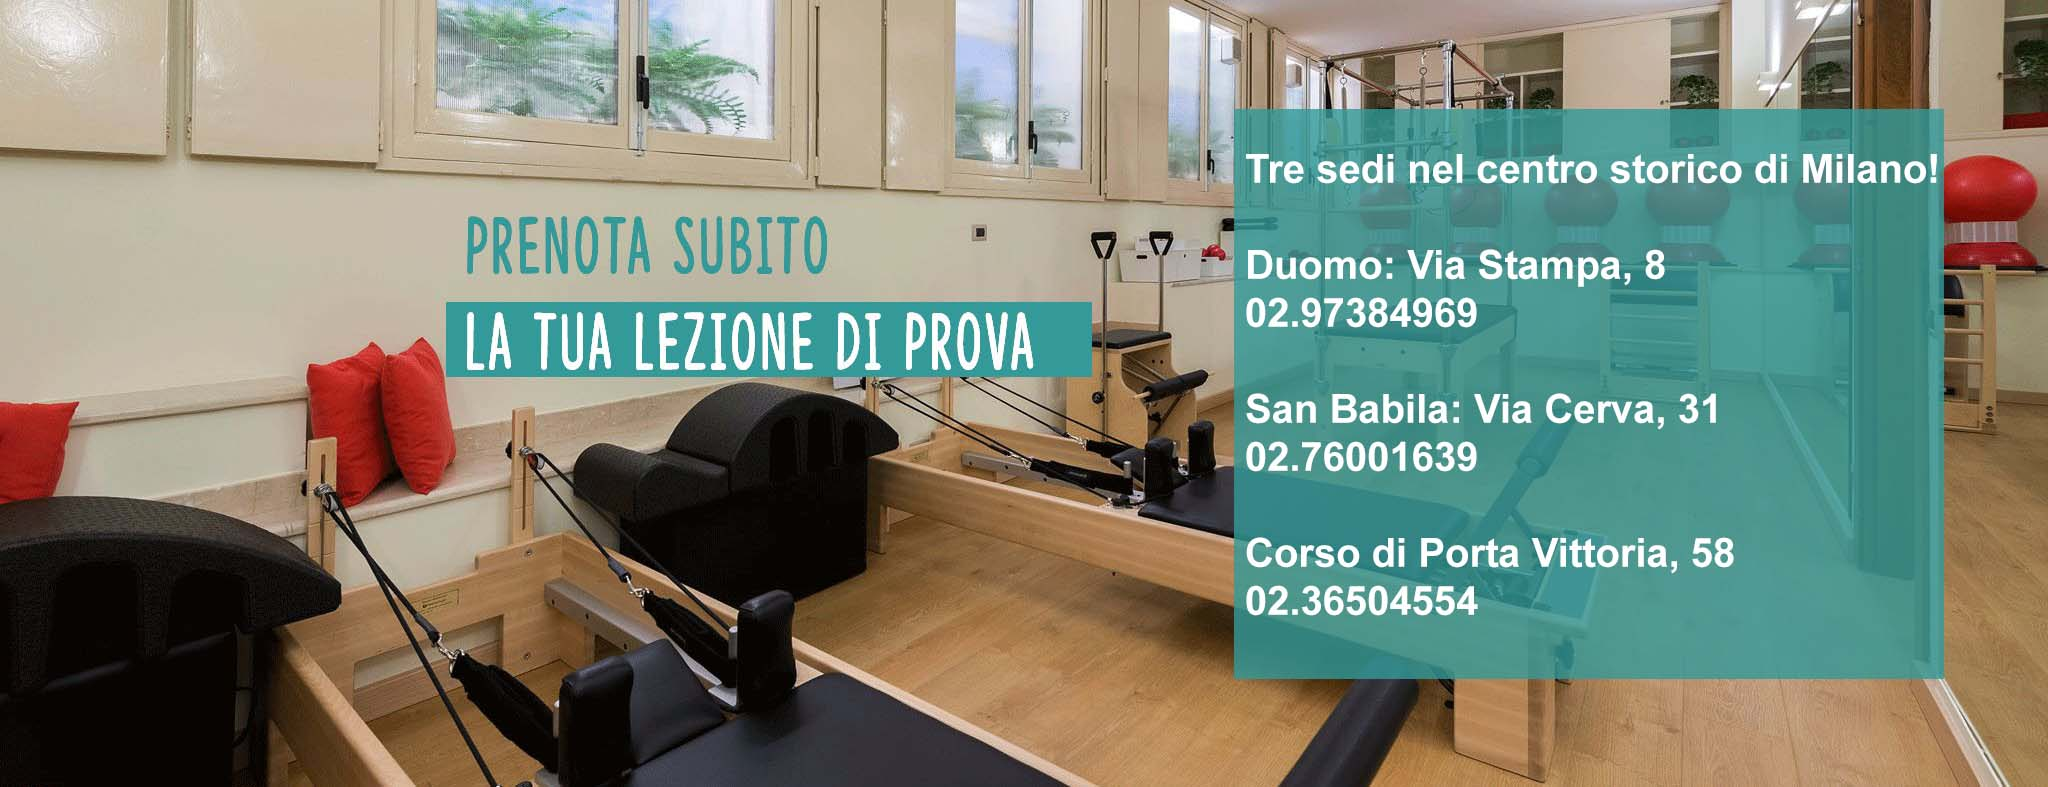 Lezioni Pilates Amendola Milano - Prenota subito la tua lezione di prova